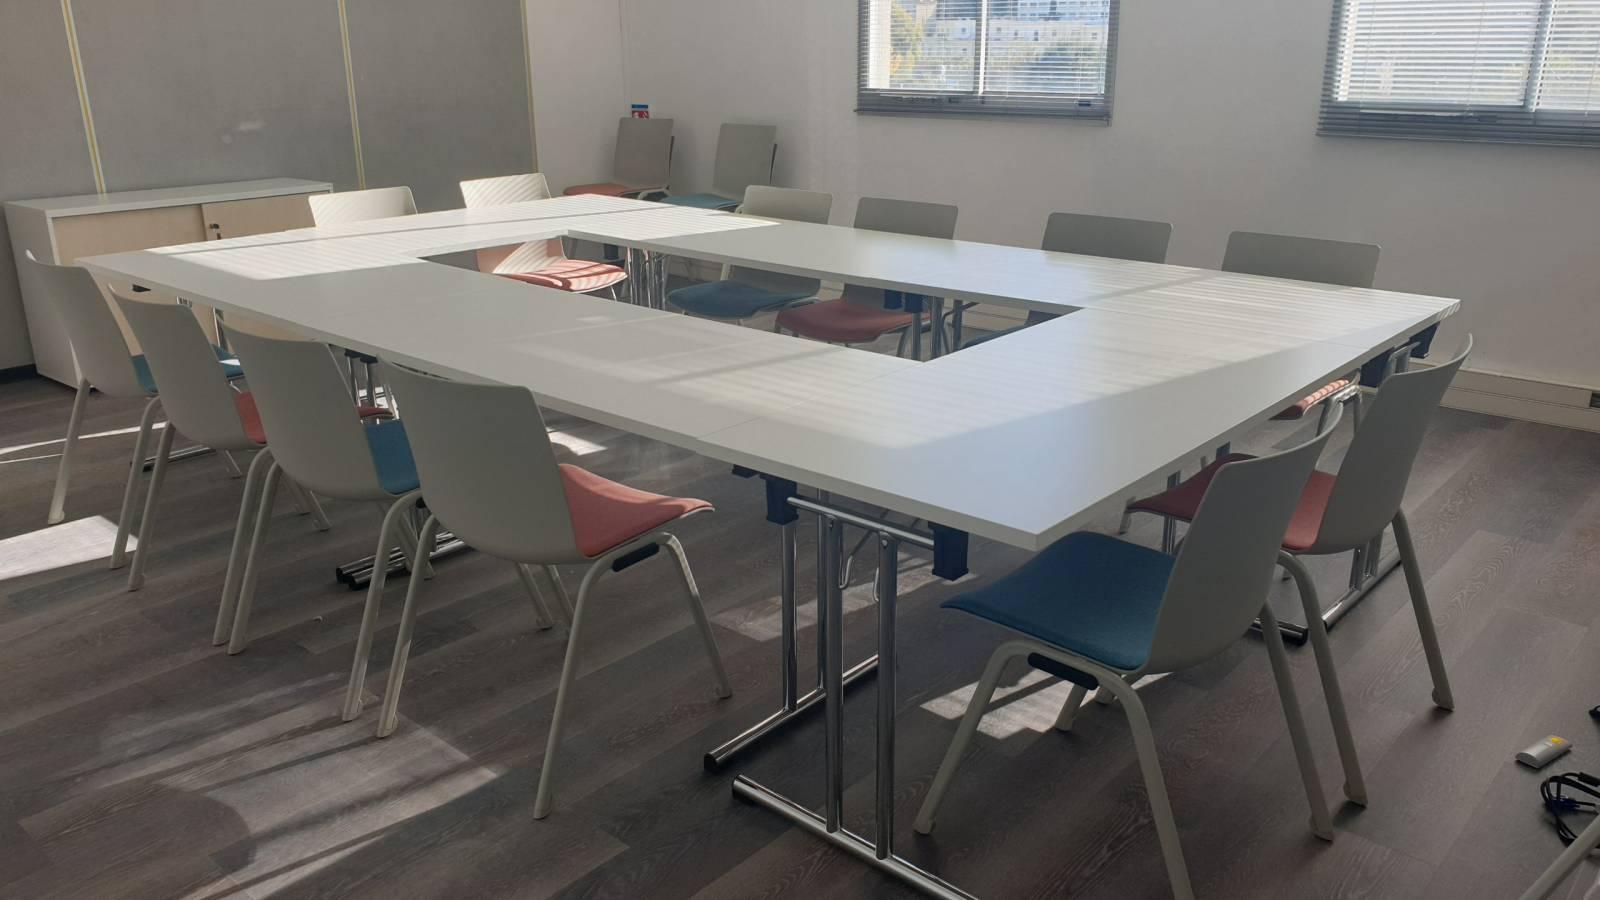 Table de réunion mobile sur roulettes et pliante pour facilité le rangement que Marseille